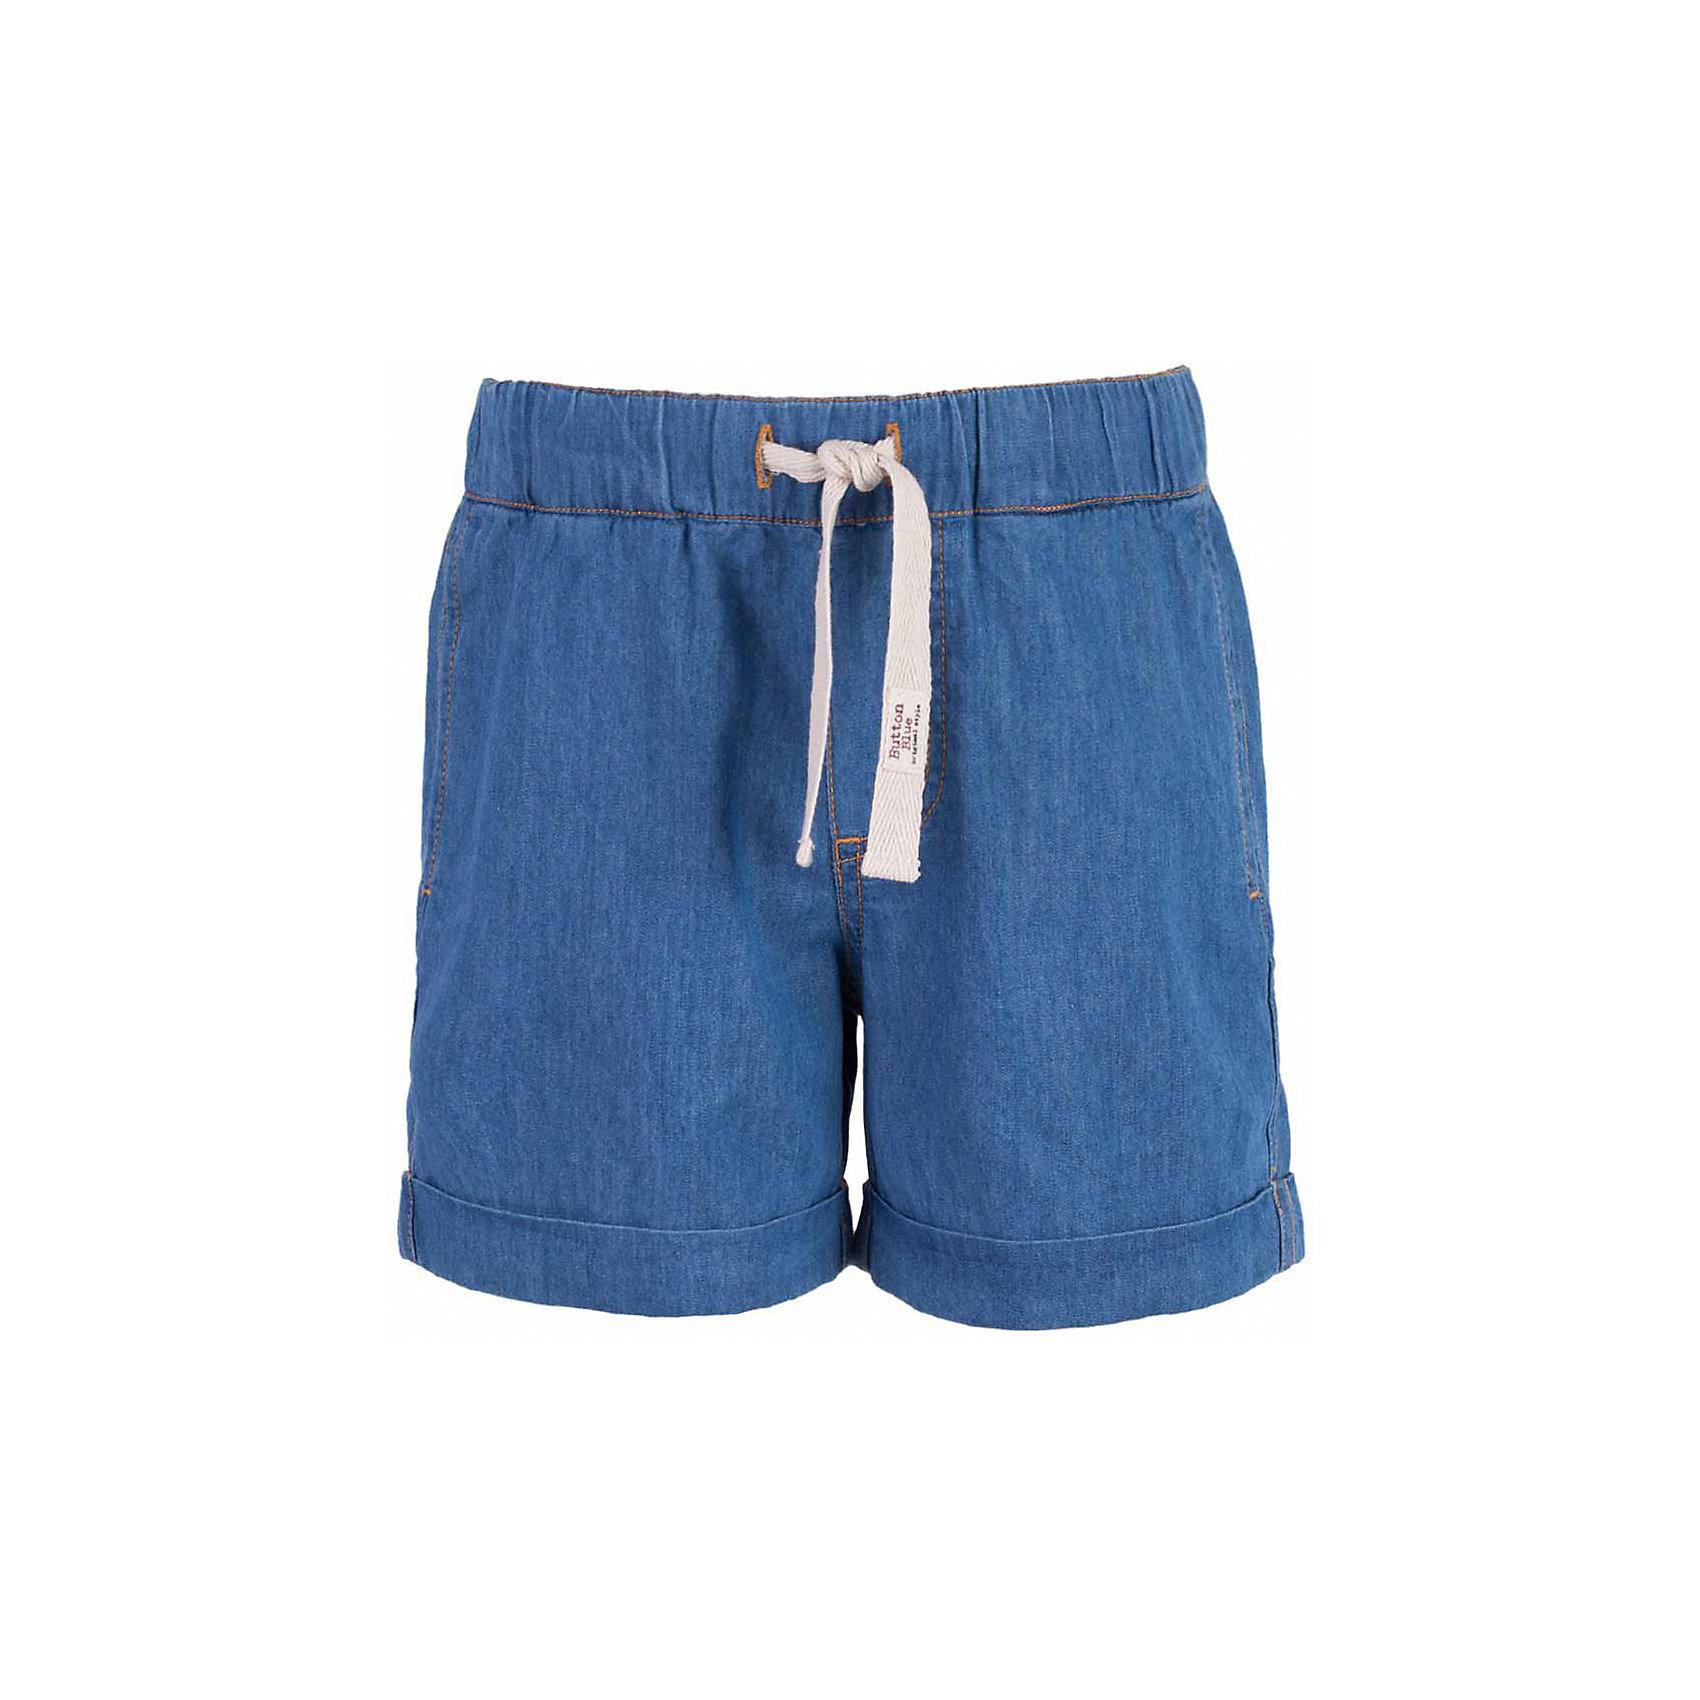 Шорты для мальчика  BUTTON BLUEШорты, бриджи, капри<br>Шорты для мальчика  BUTTON BLUE<br>Классные шорты из тонкой джинсы с поясом на резинке - прекрасное решение на каждый день жаркого лета! И дома, и в лагере, и на спортивной площадке эти шорты для мальчика обеспечат удобство, комфорт и соответствие модным трендам. Купить недорого детские шорты от Button Blue, значит, сделать каждый летний день ребенка радостным и беззаботным!<br>Состав:<br>100%  хлопок<br><br>Ширина мм: 191<br>Глубина мм: 10<br>Высота мм: 175<br>Вес г: 273<br>Цвет: синий<br>Возраст от месяцев: 24<br>Возраст до месяцев: 36<br>Пол: Мужской<br>Возраст: Детский<br>Размер: 98,158,152,146,140,134,128,122,116,110,104<br>SKU: 5524656